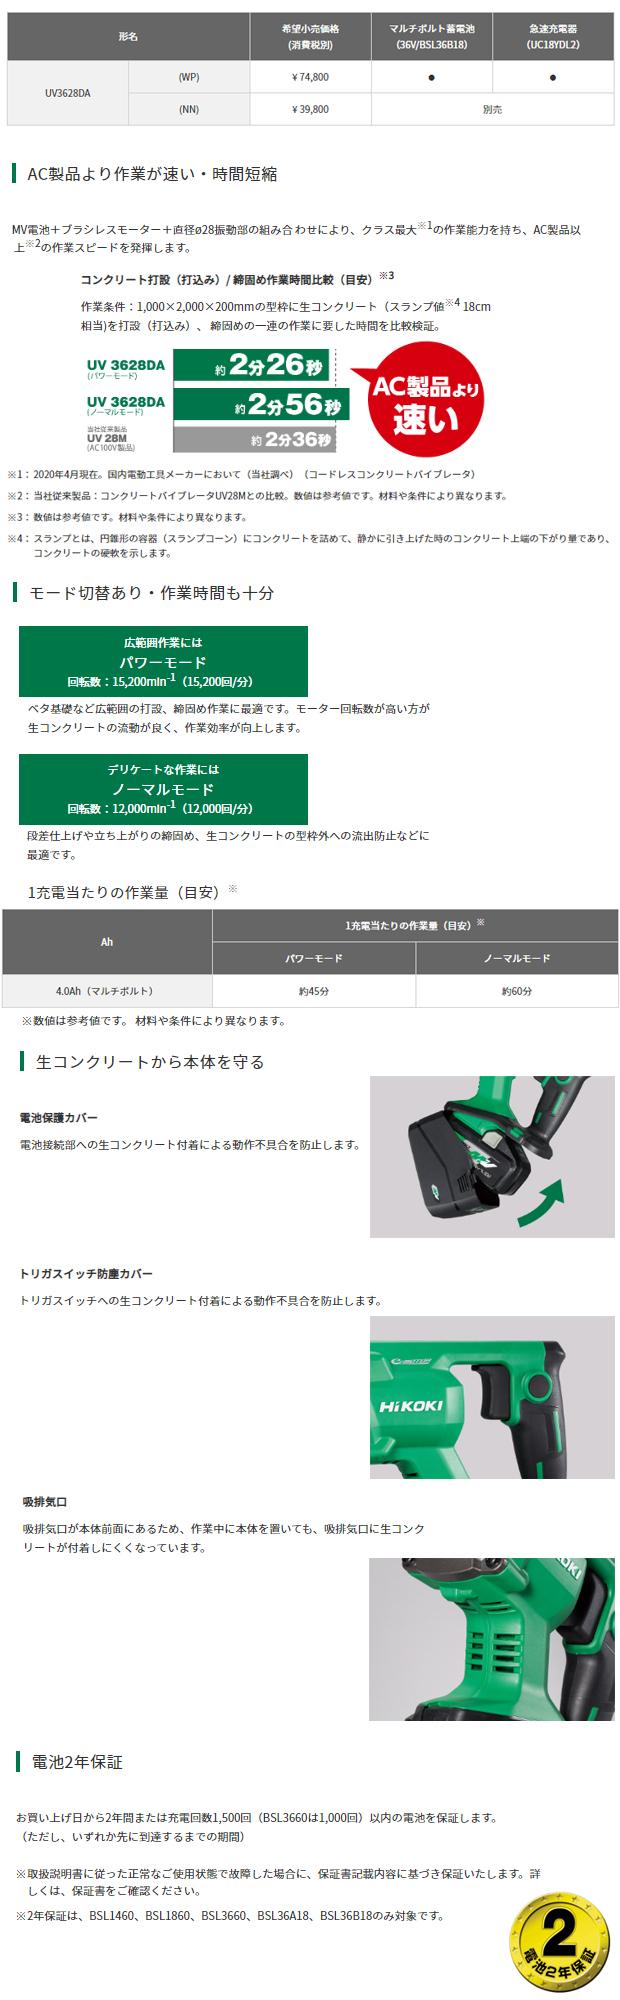 HiKOKI 36Vコードレスコンクリートバイブレータ― UV3628DA